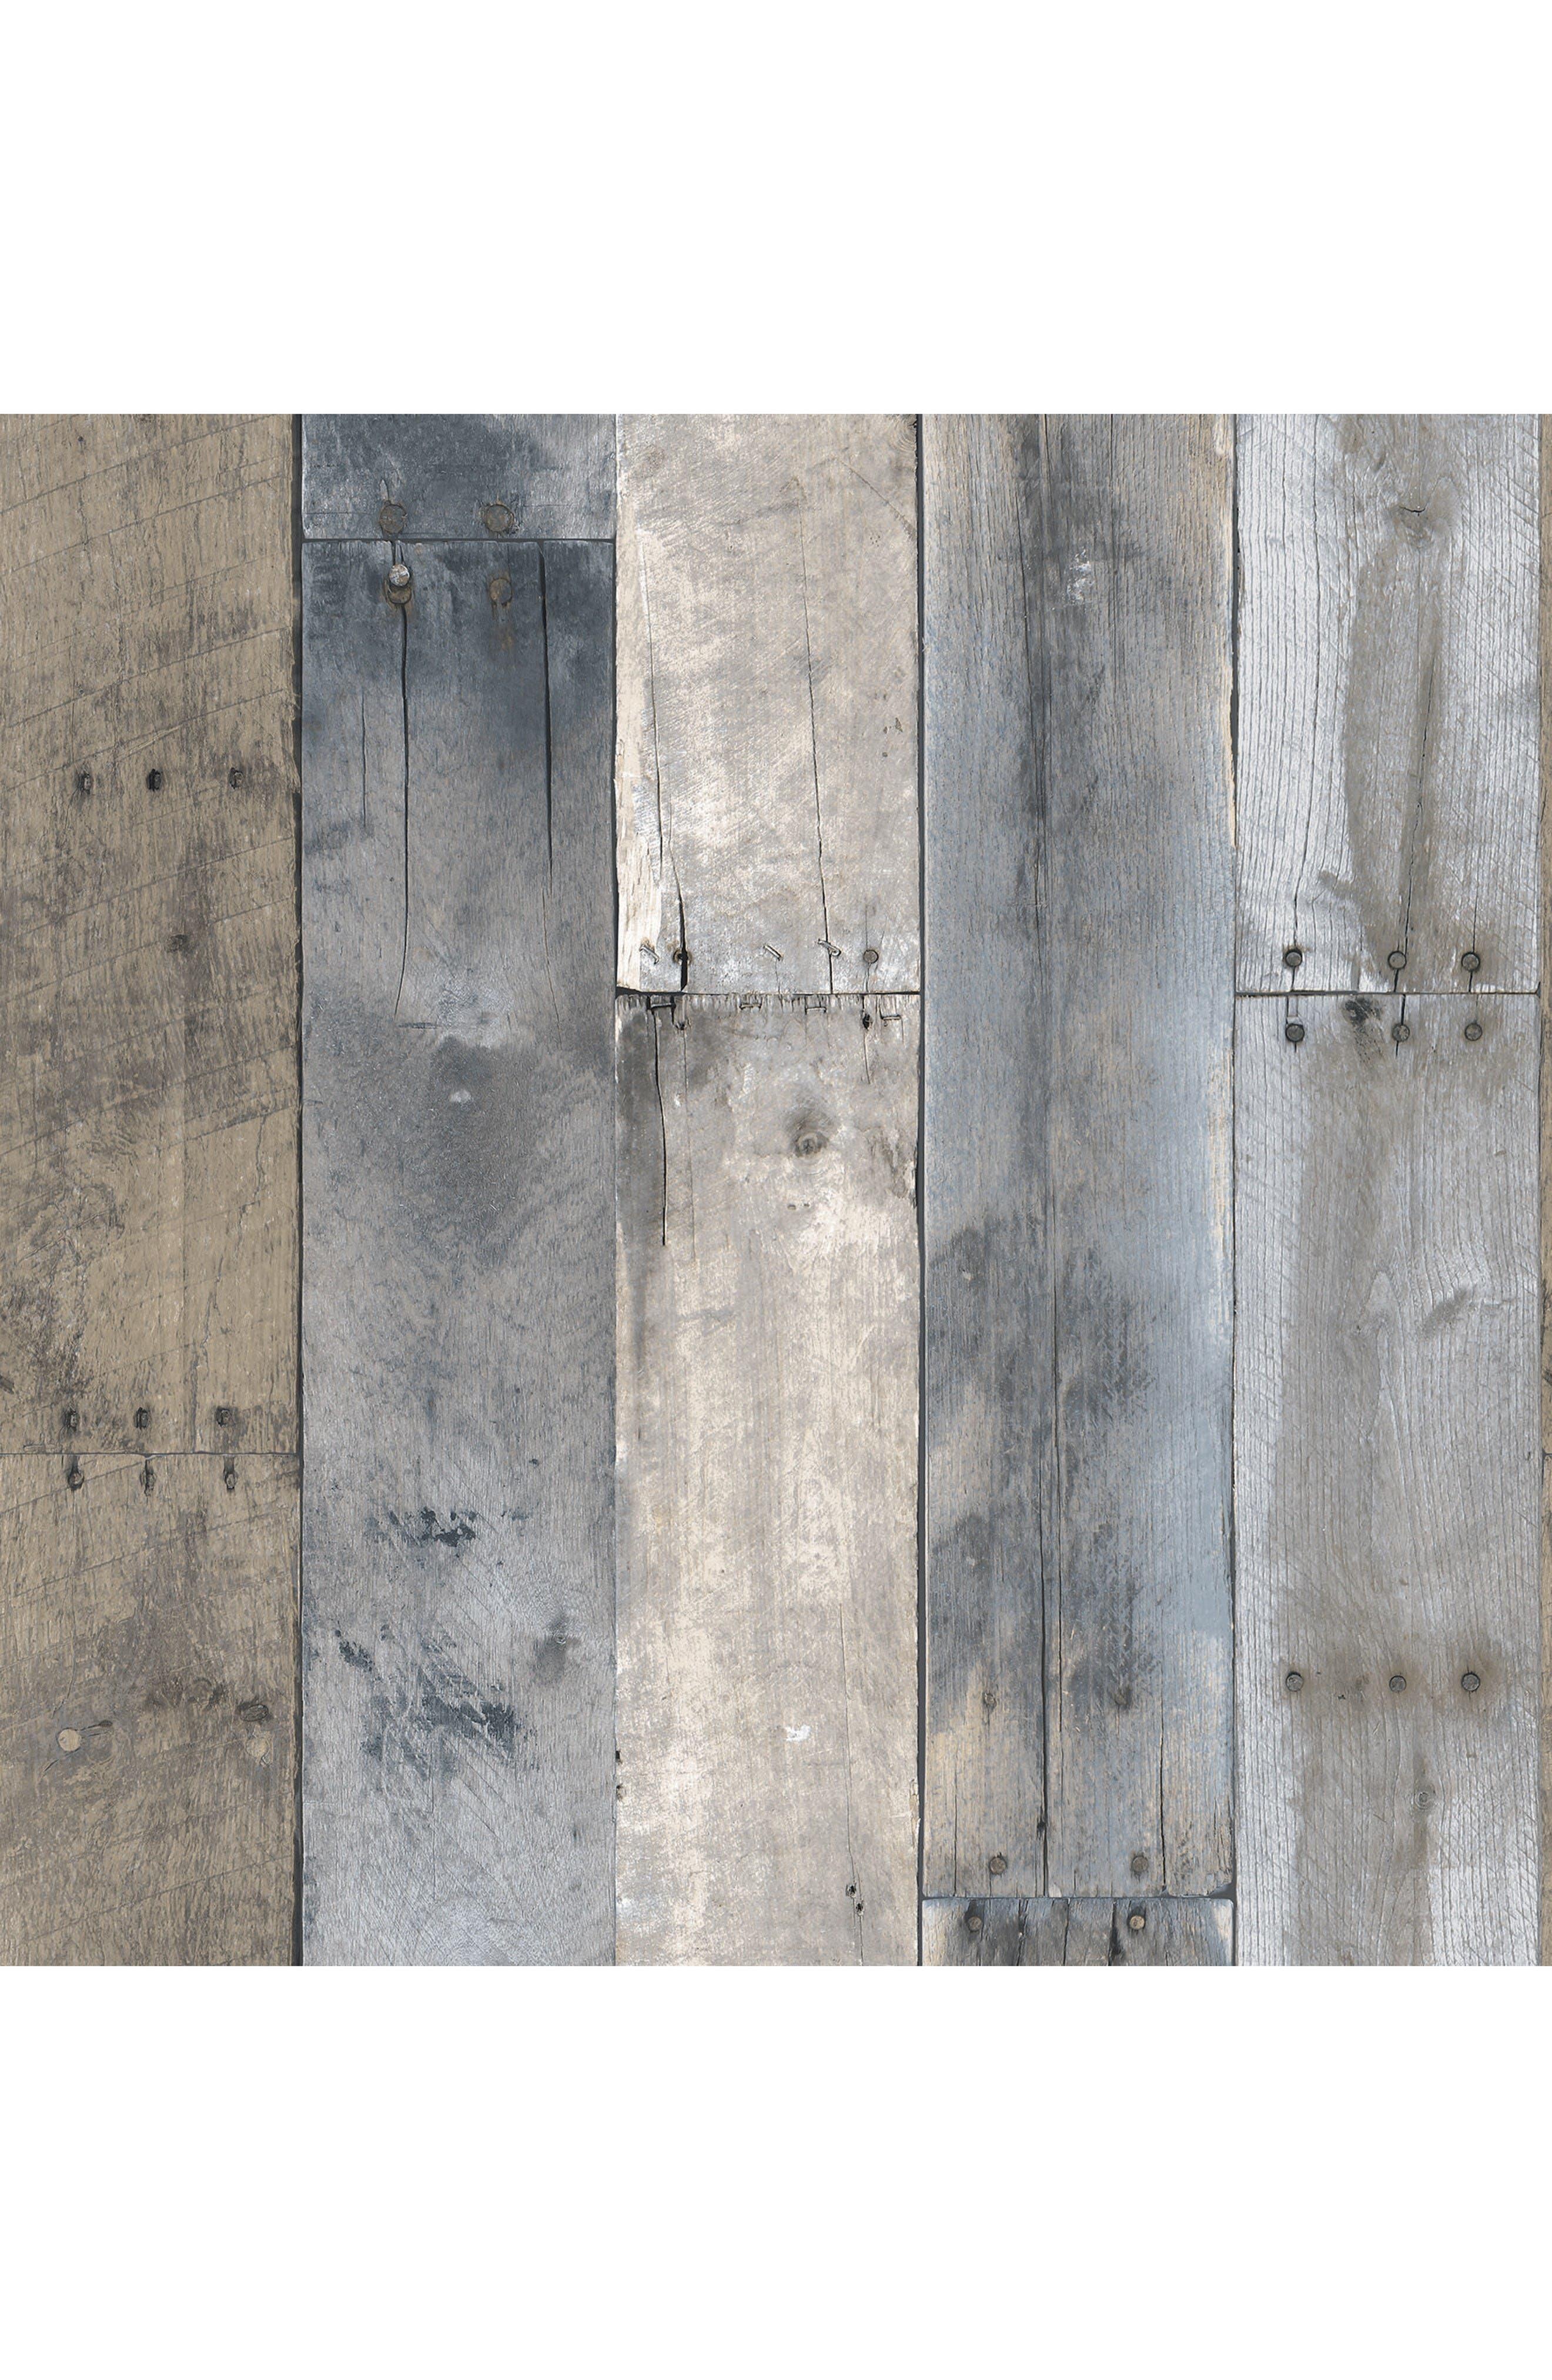 Alternate Image 1 Selected - Tempaper Repurposed Wood Self-Adhesive Vinyl Wallpaper